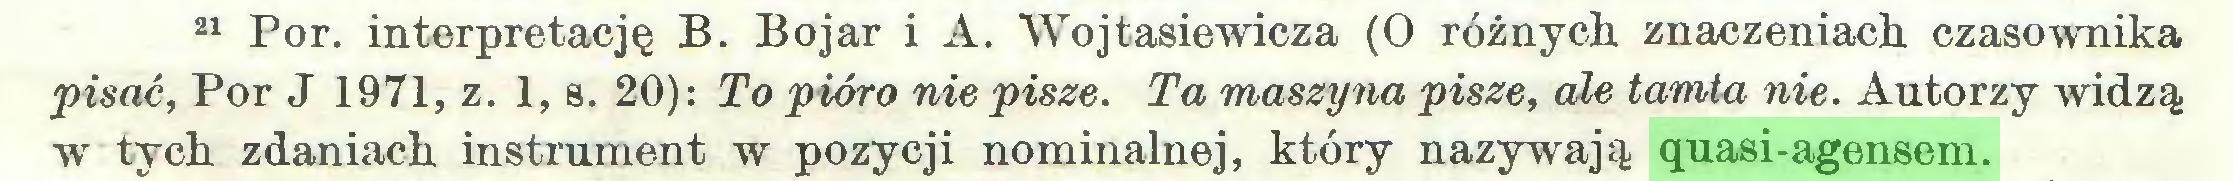 (...) 21 Por. interpretację B. Bojar i A. Wojtasiewicza (O różnych znaczeniach czasownika pisać, Por J 1971, z. 1, s. 20): To pióro nie pisze. Ta maszyna pisze, ale tamta nie. Autorzy widzą w tych zdaniach instrument w pozycji nominalnej, który nazywają quasi-agensem...